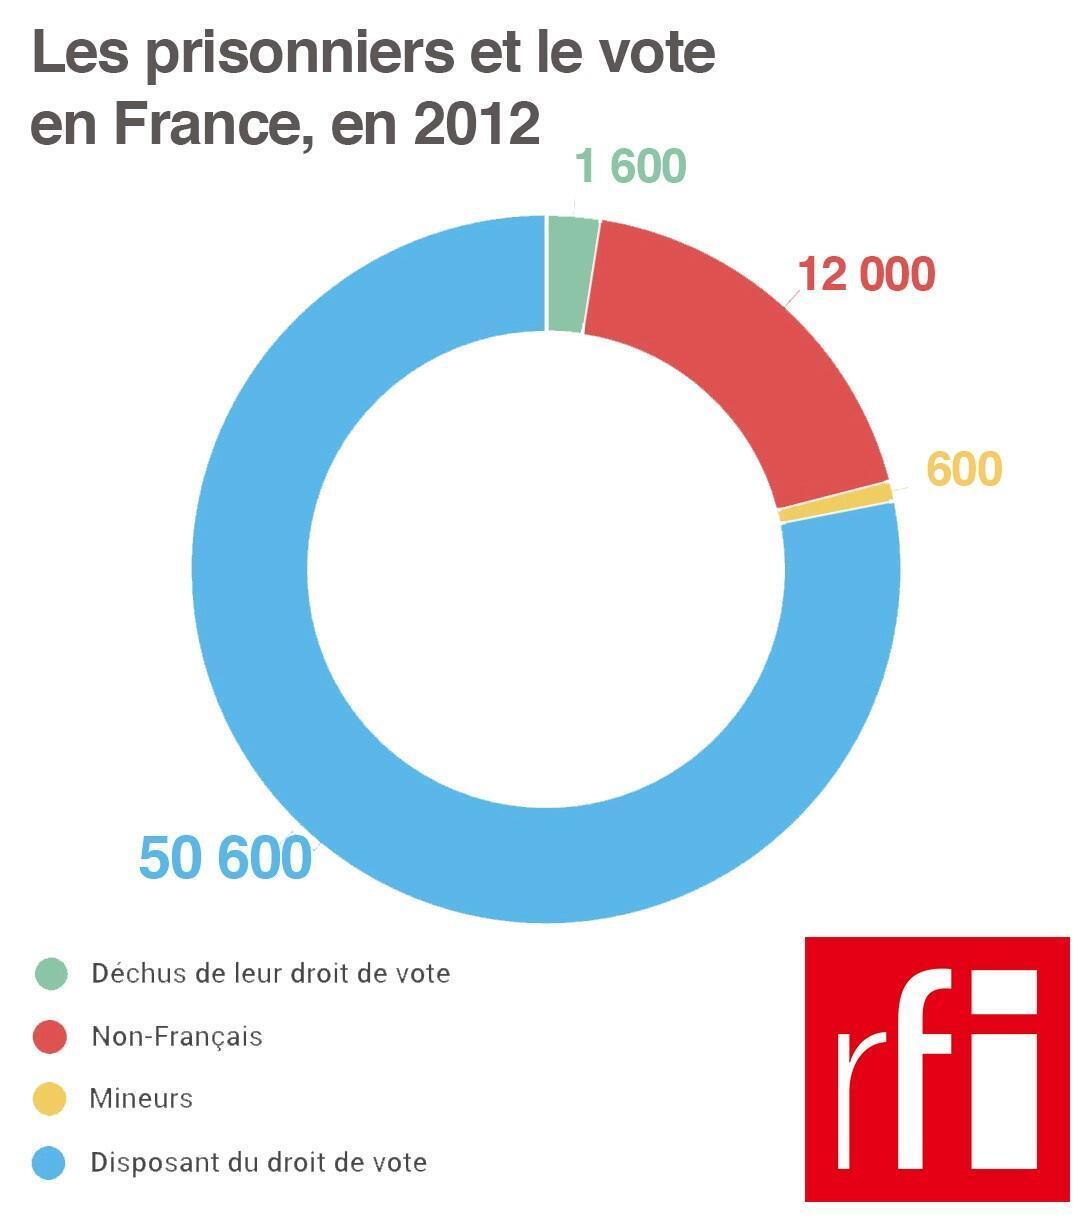 Source : ministère de la Justice. Chiffres pour l'élection présidentielle de 2012.